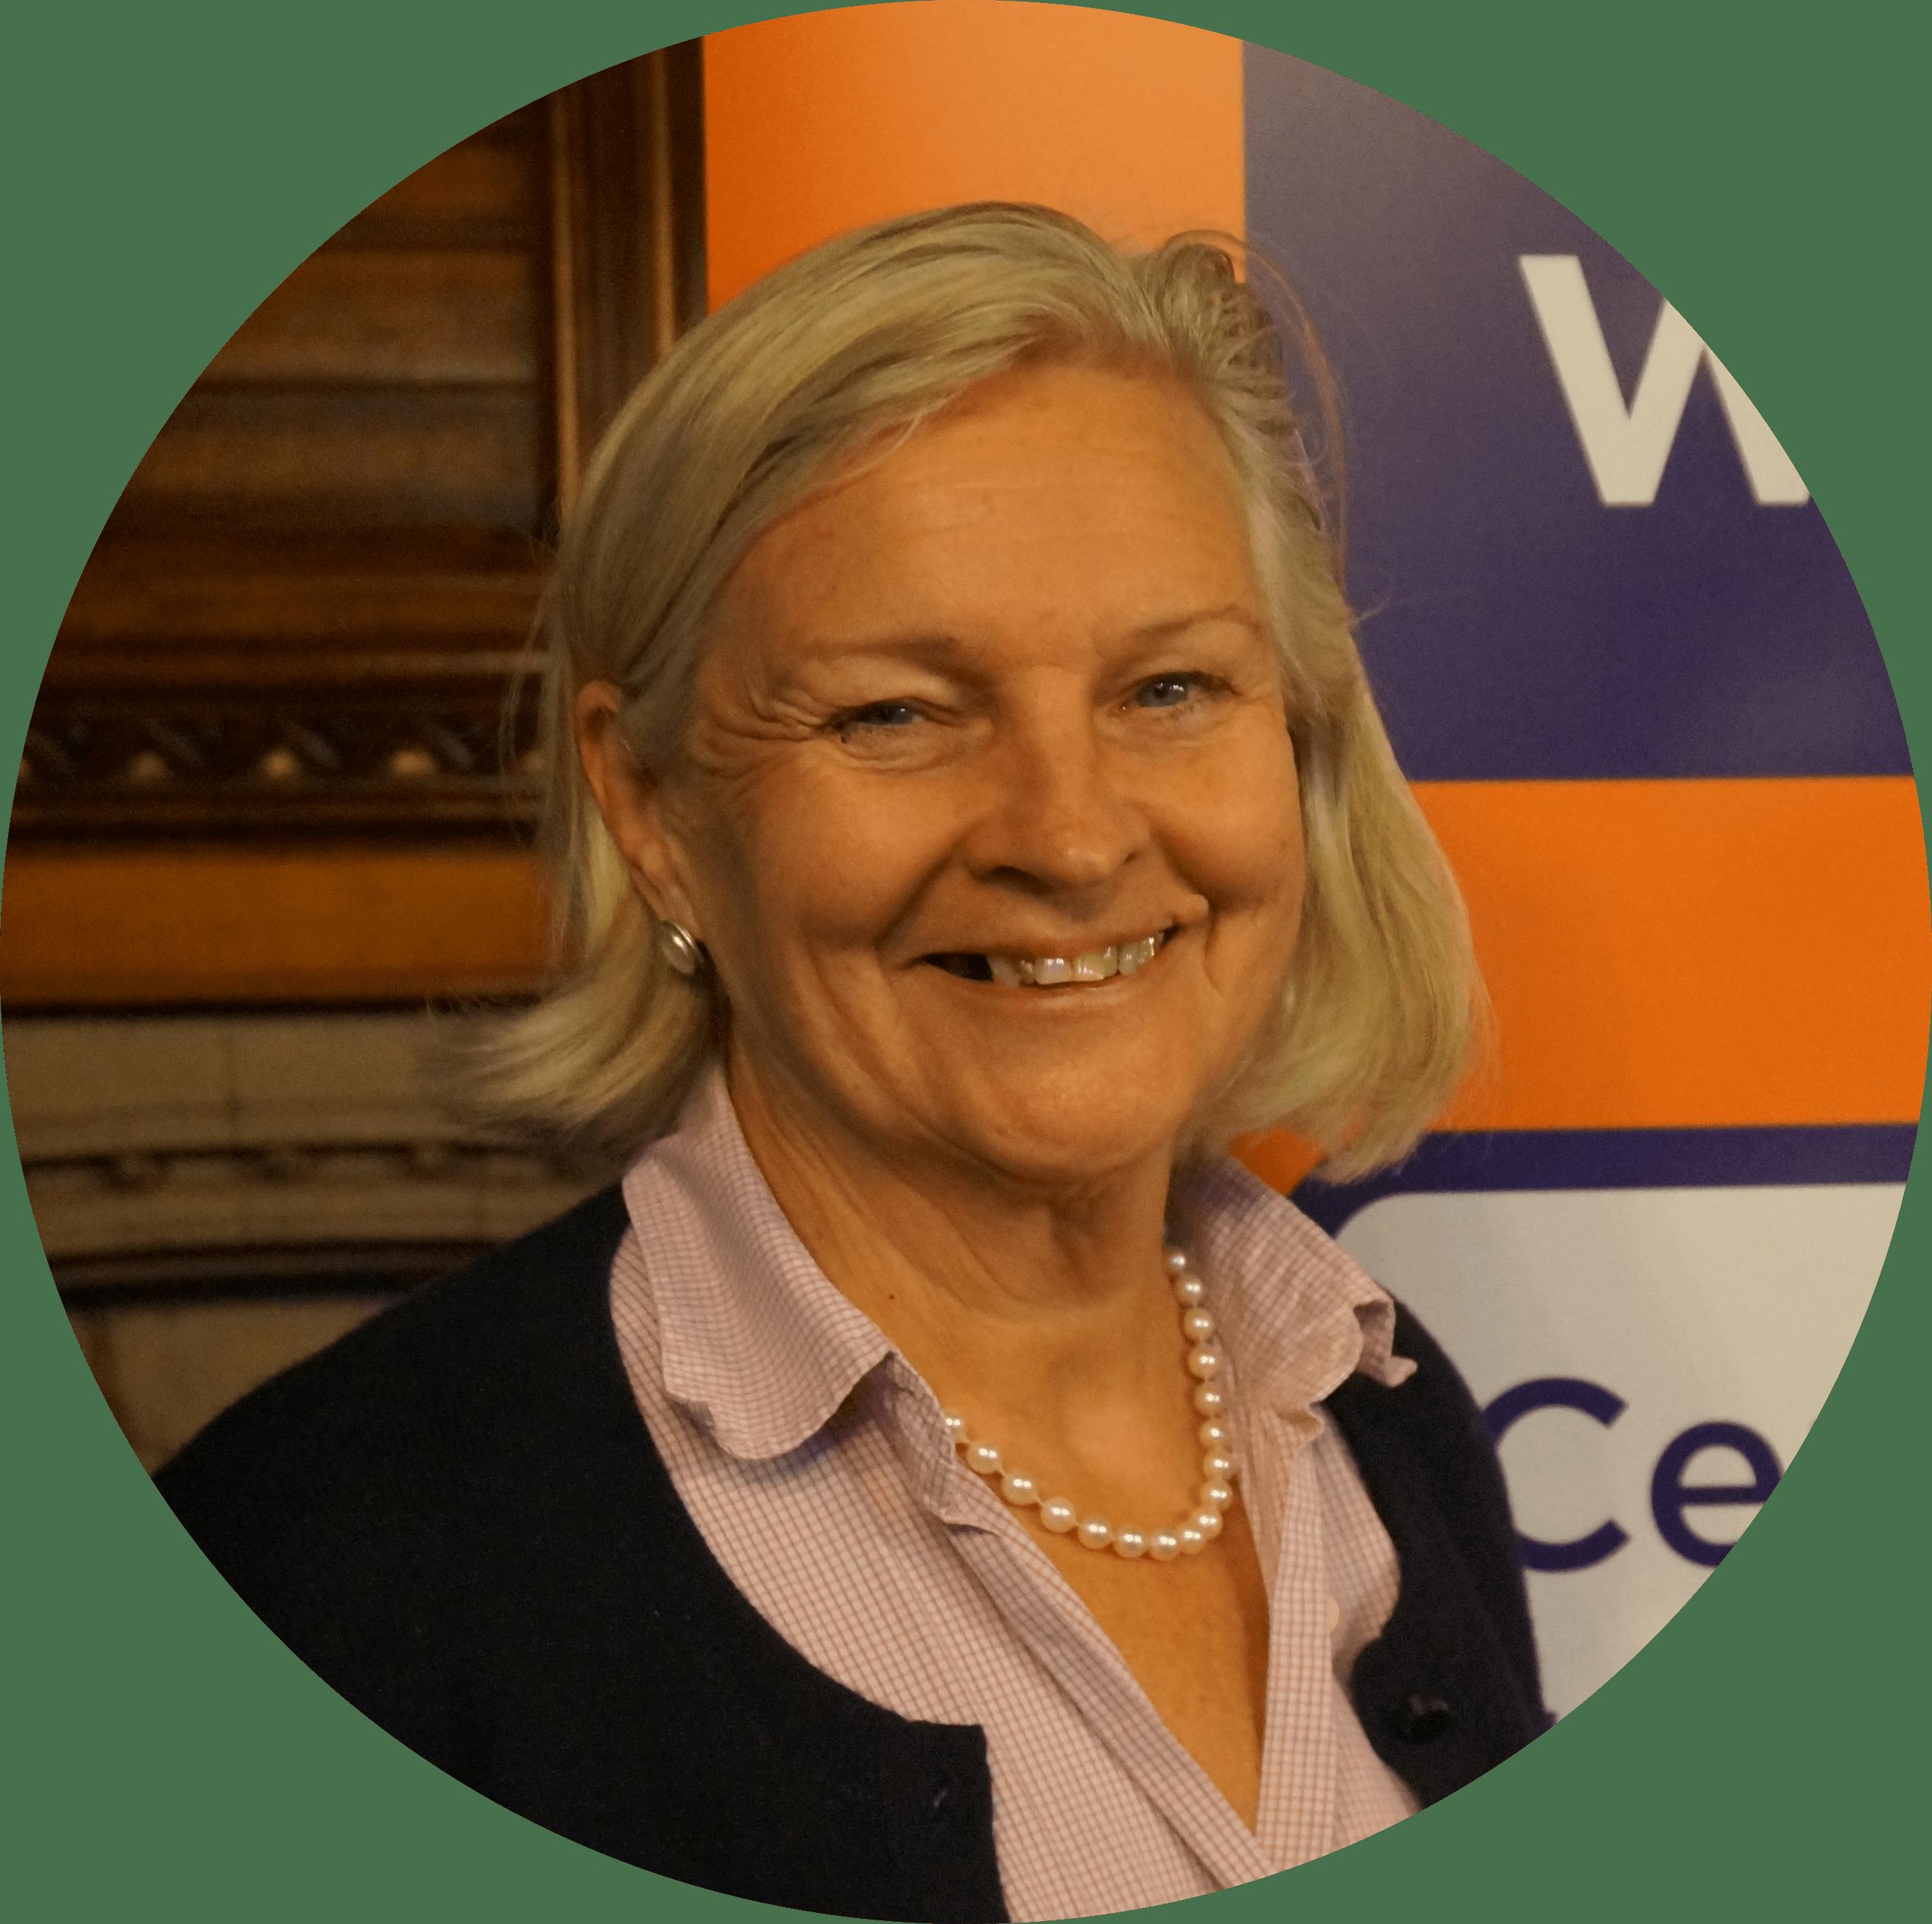 Valerie Holt, Commercial Director